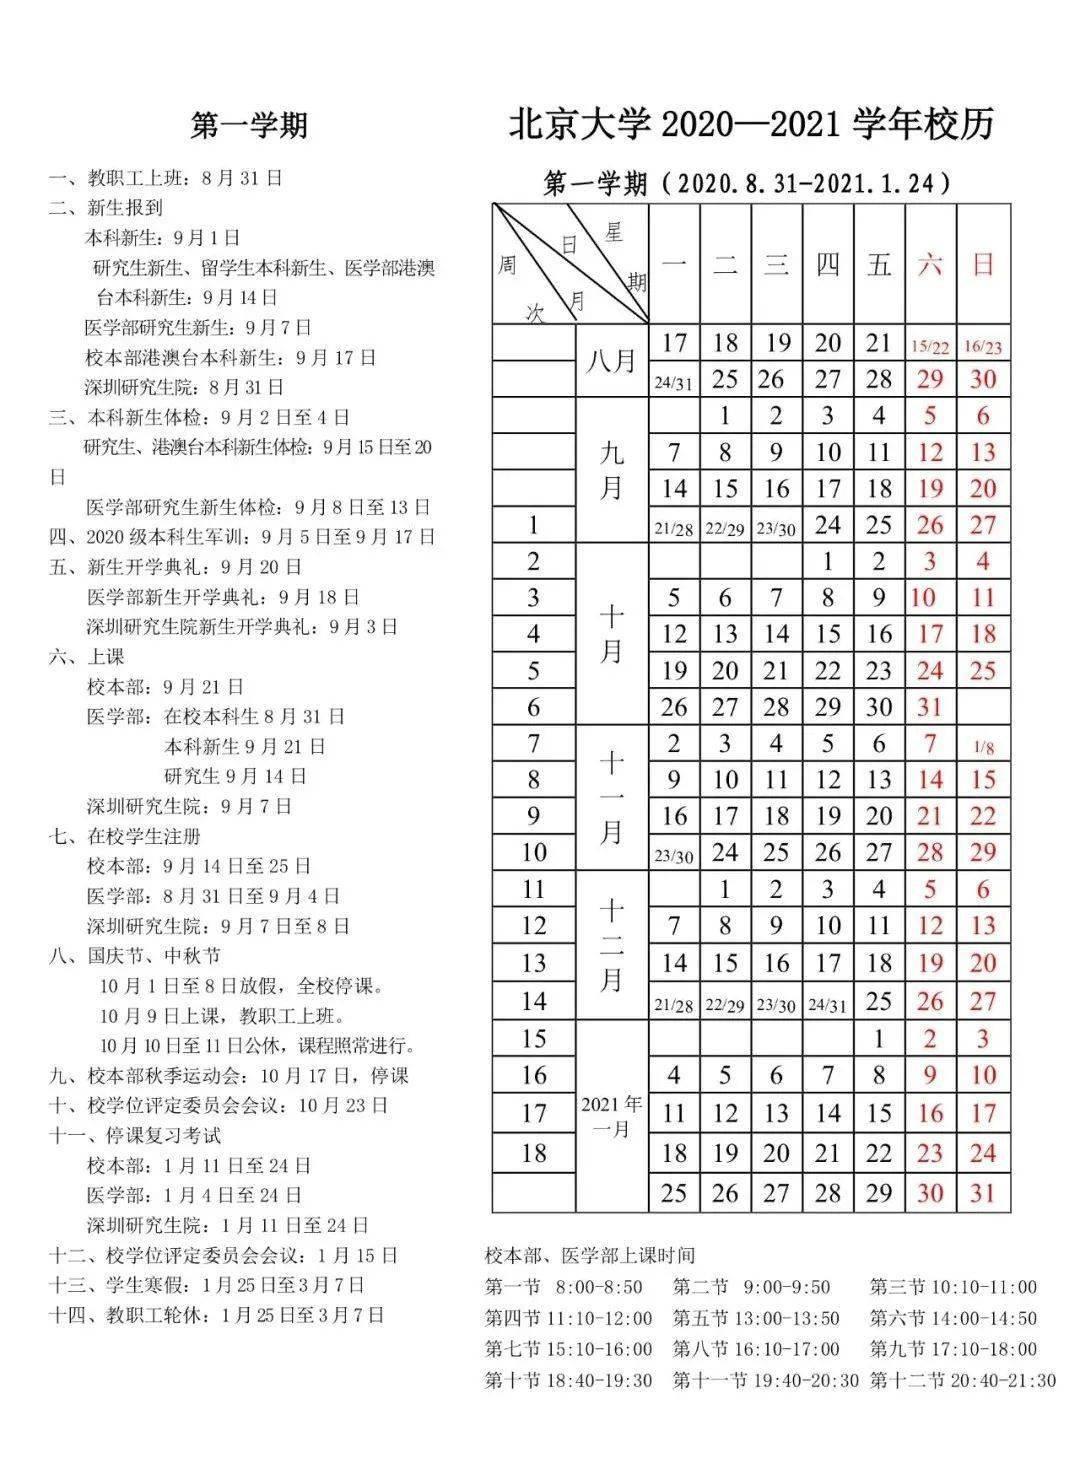 81_豆瓣